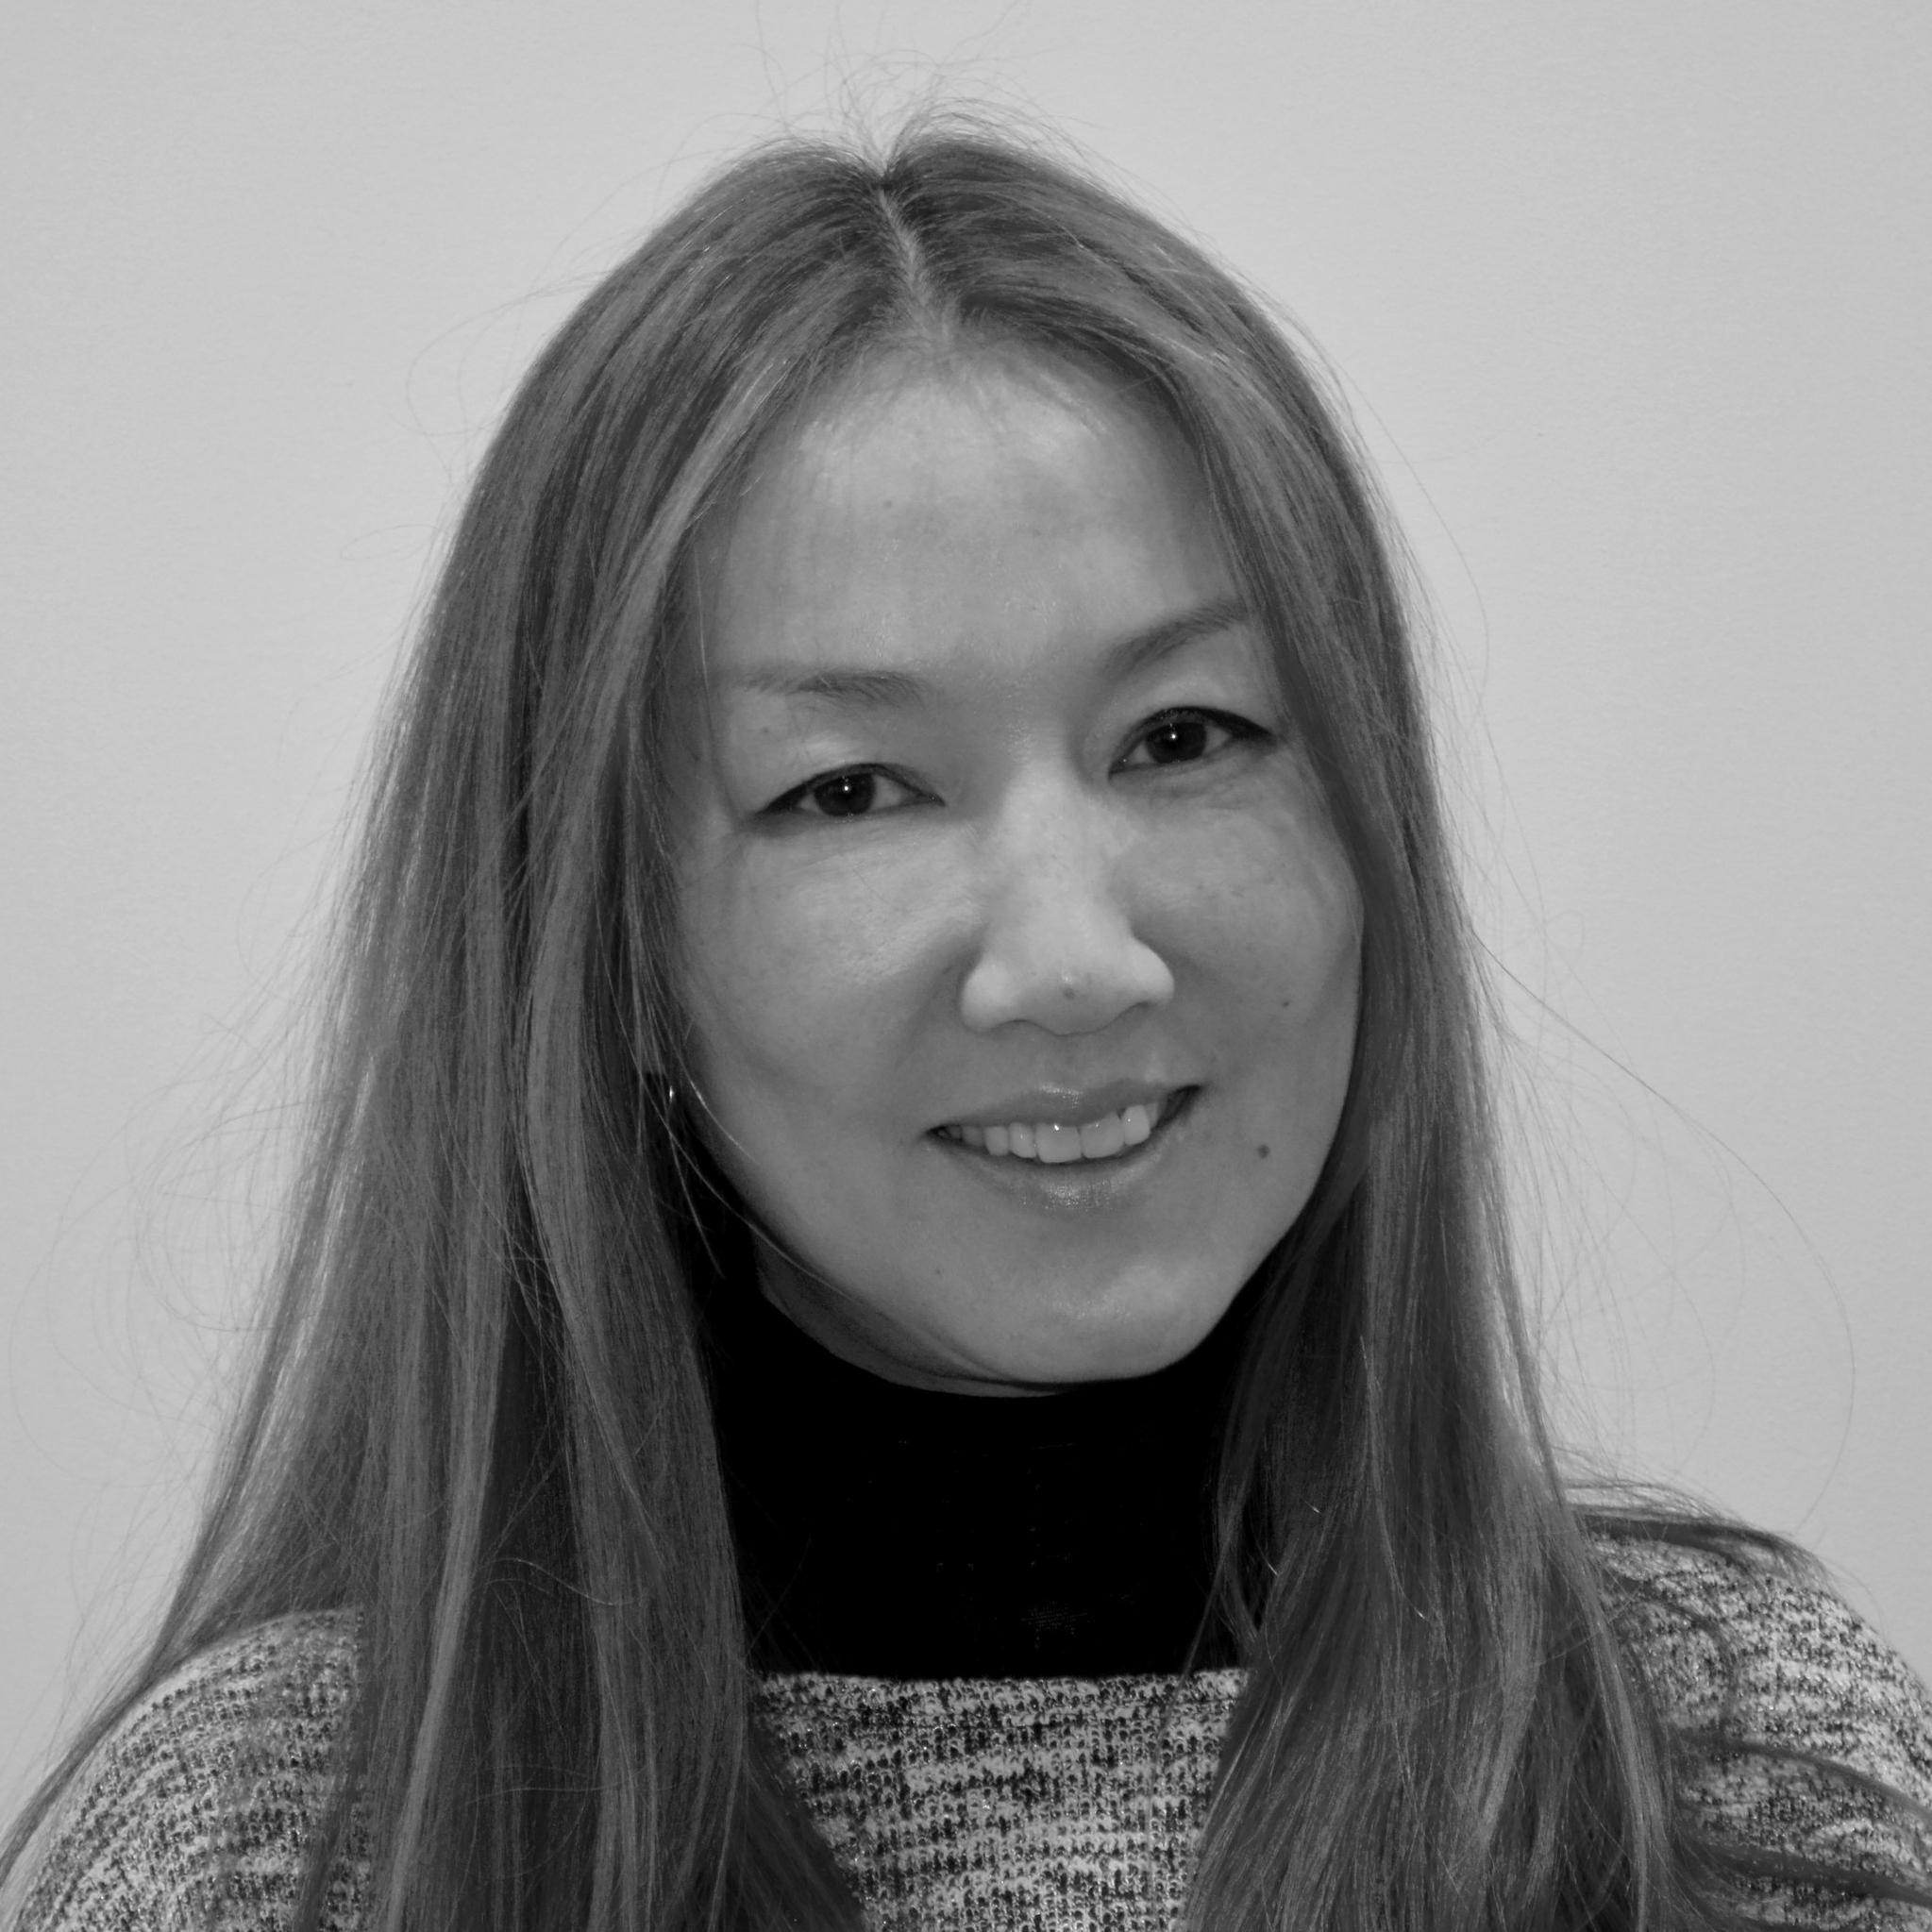 Taylor Chung